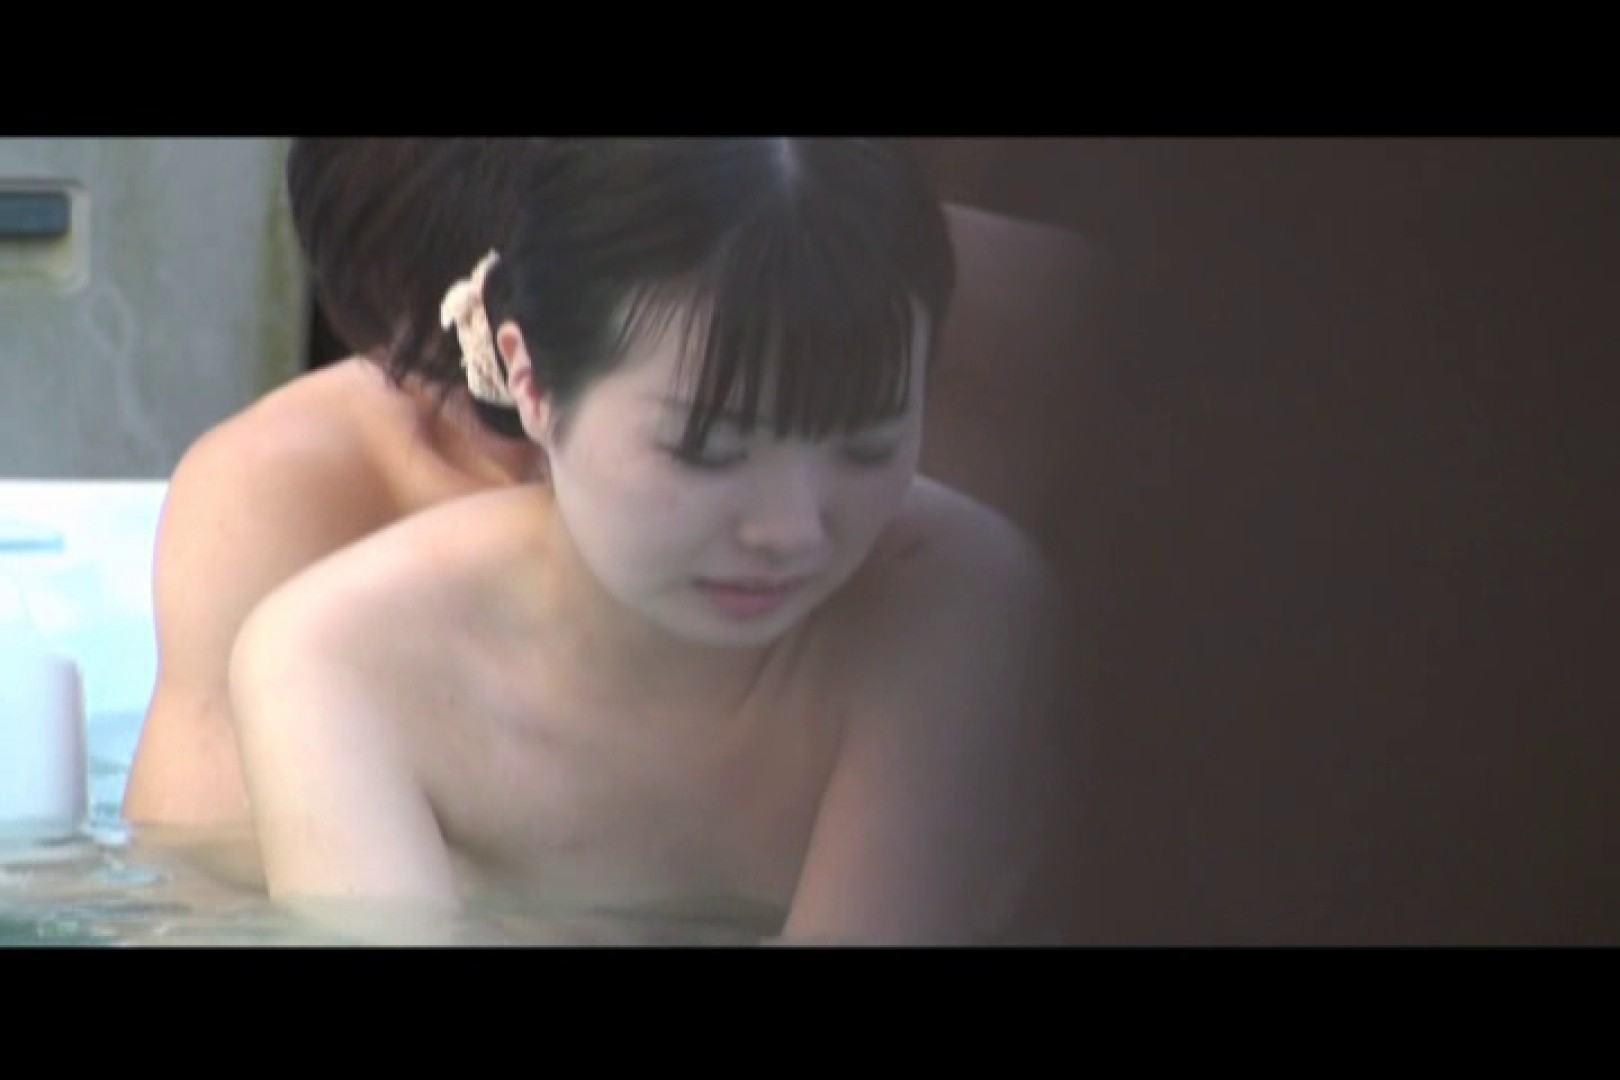 貸切露天 発情カップル! vol.09 露天  99PIX 89